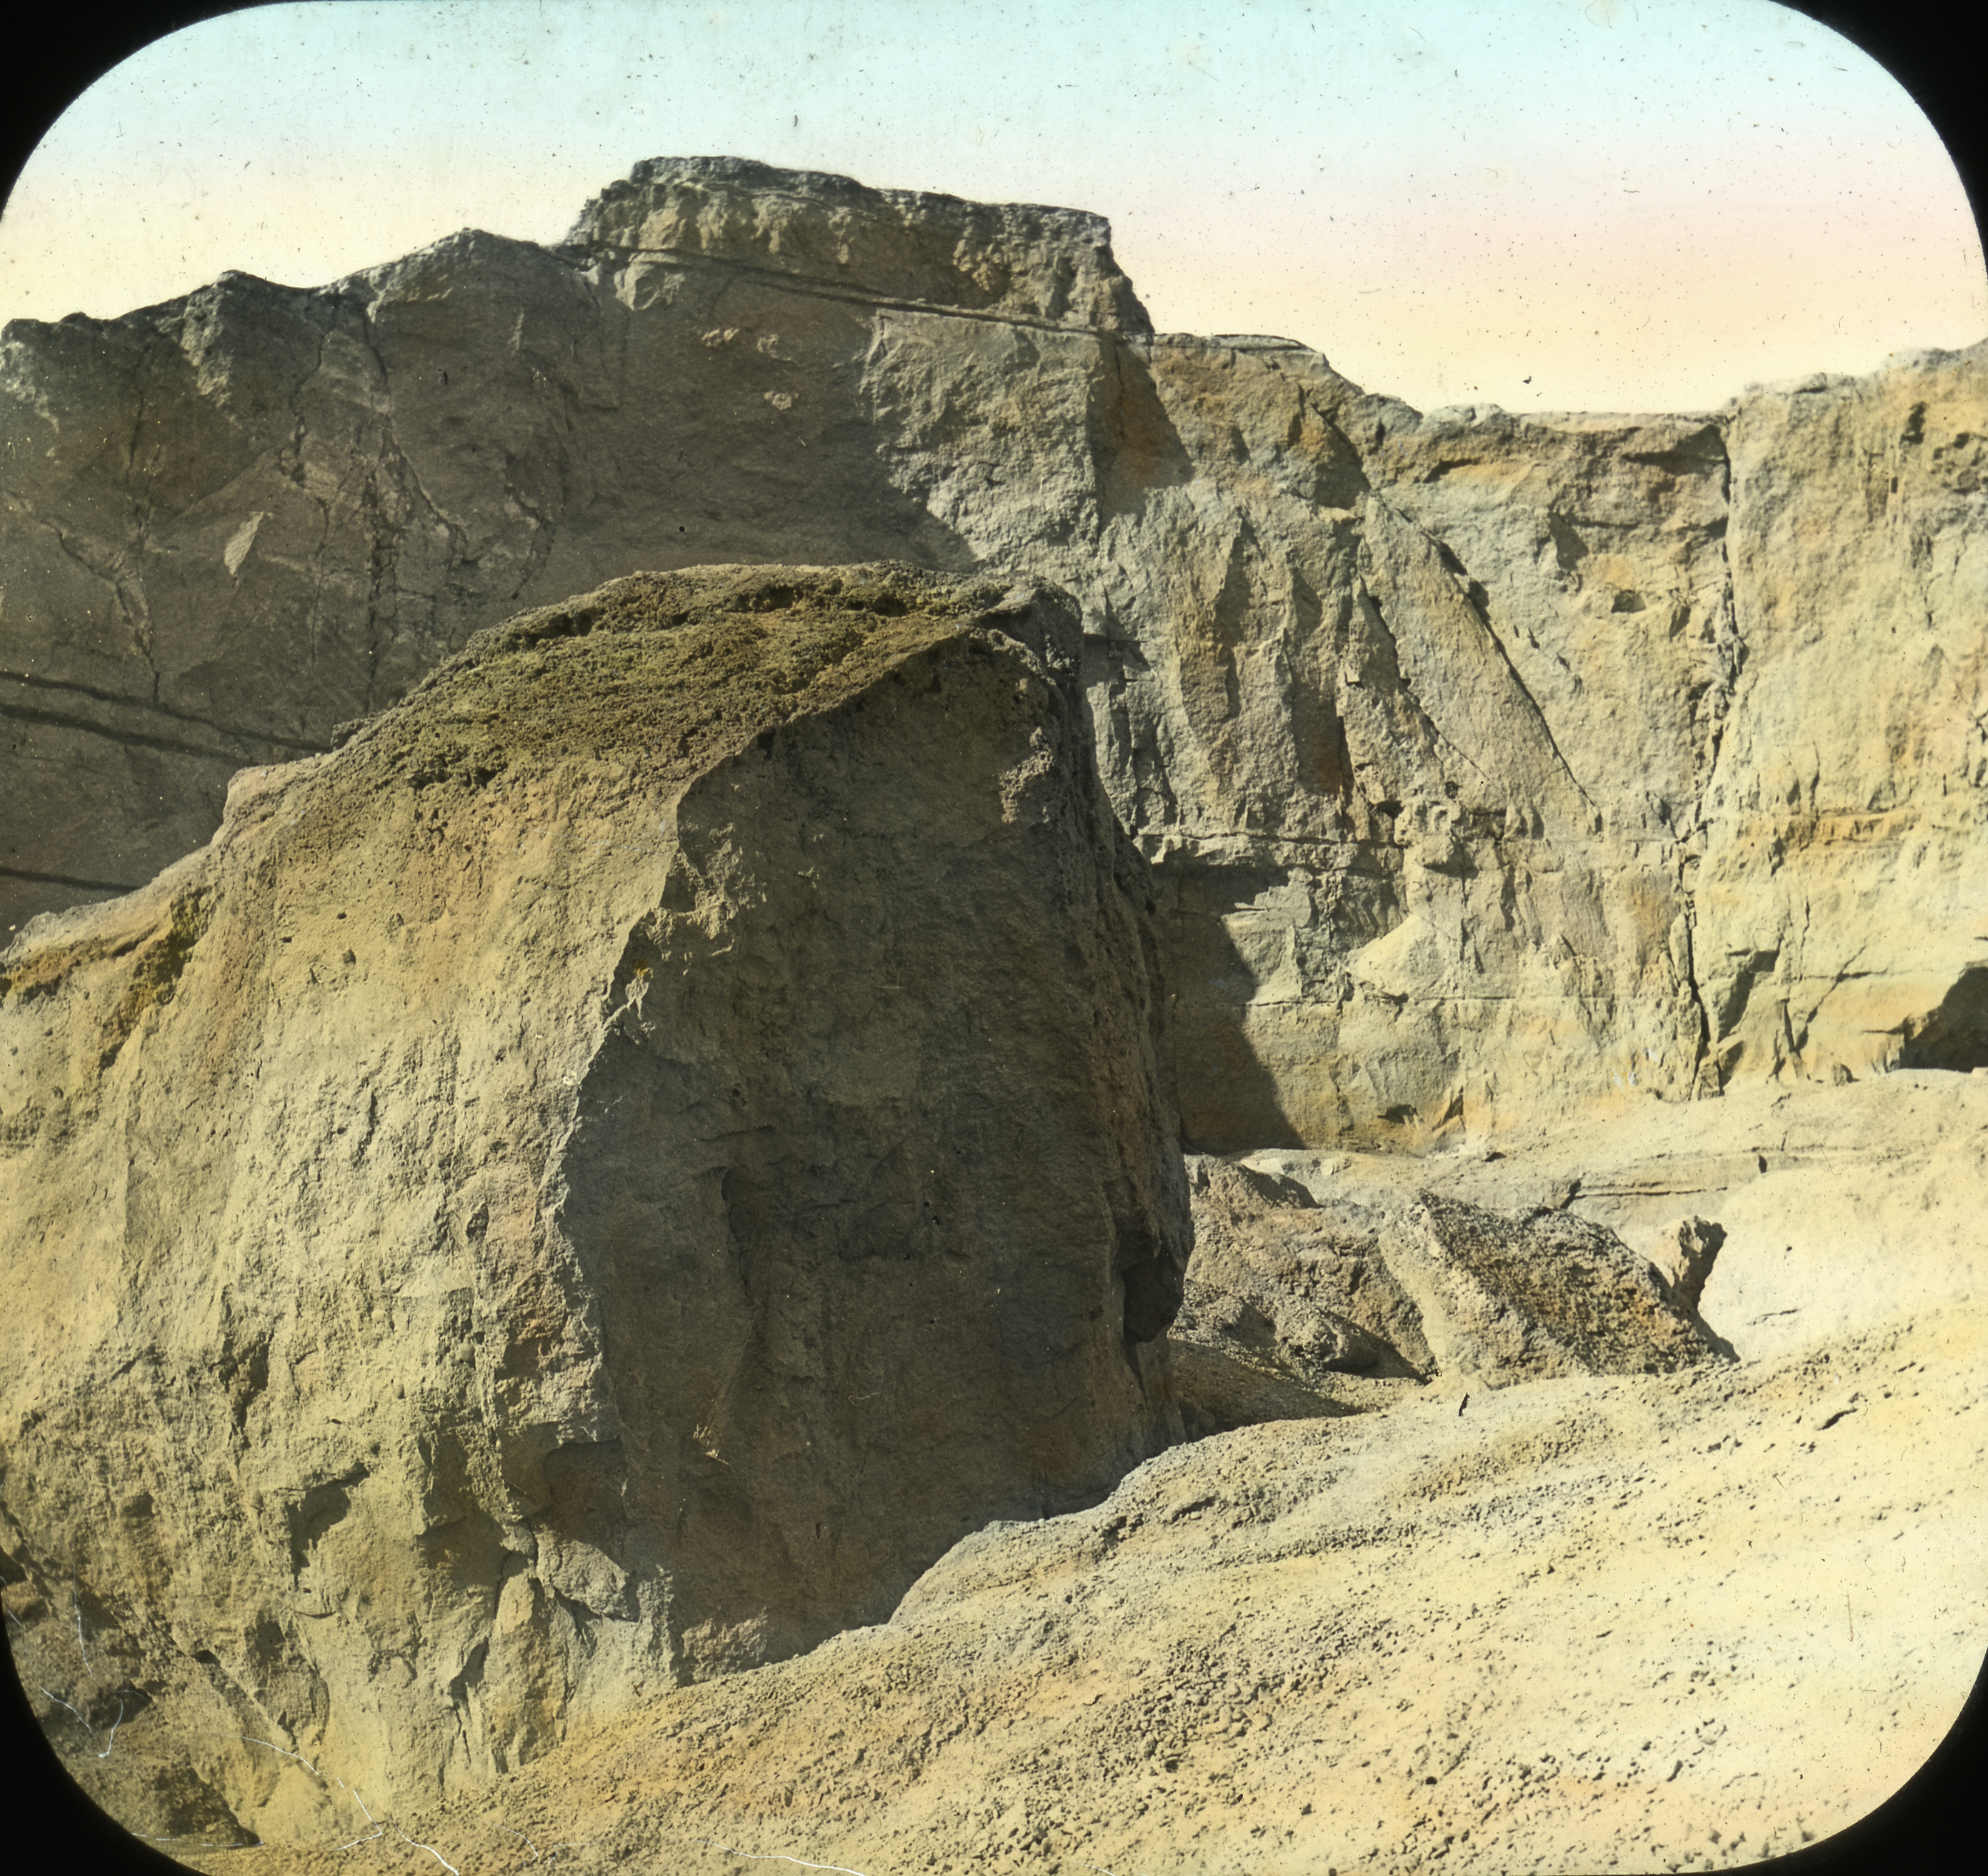 Egypt: Mokattam Hills, A Quarry, Cairo